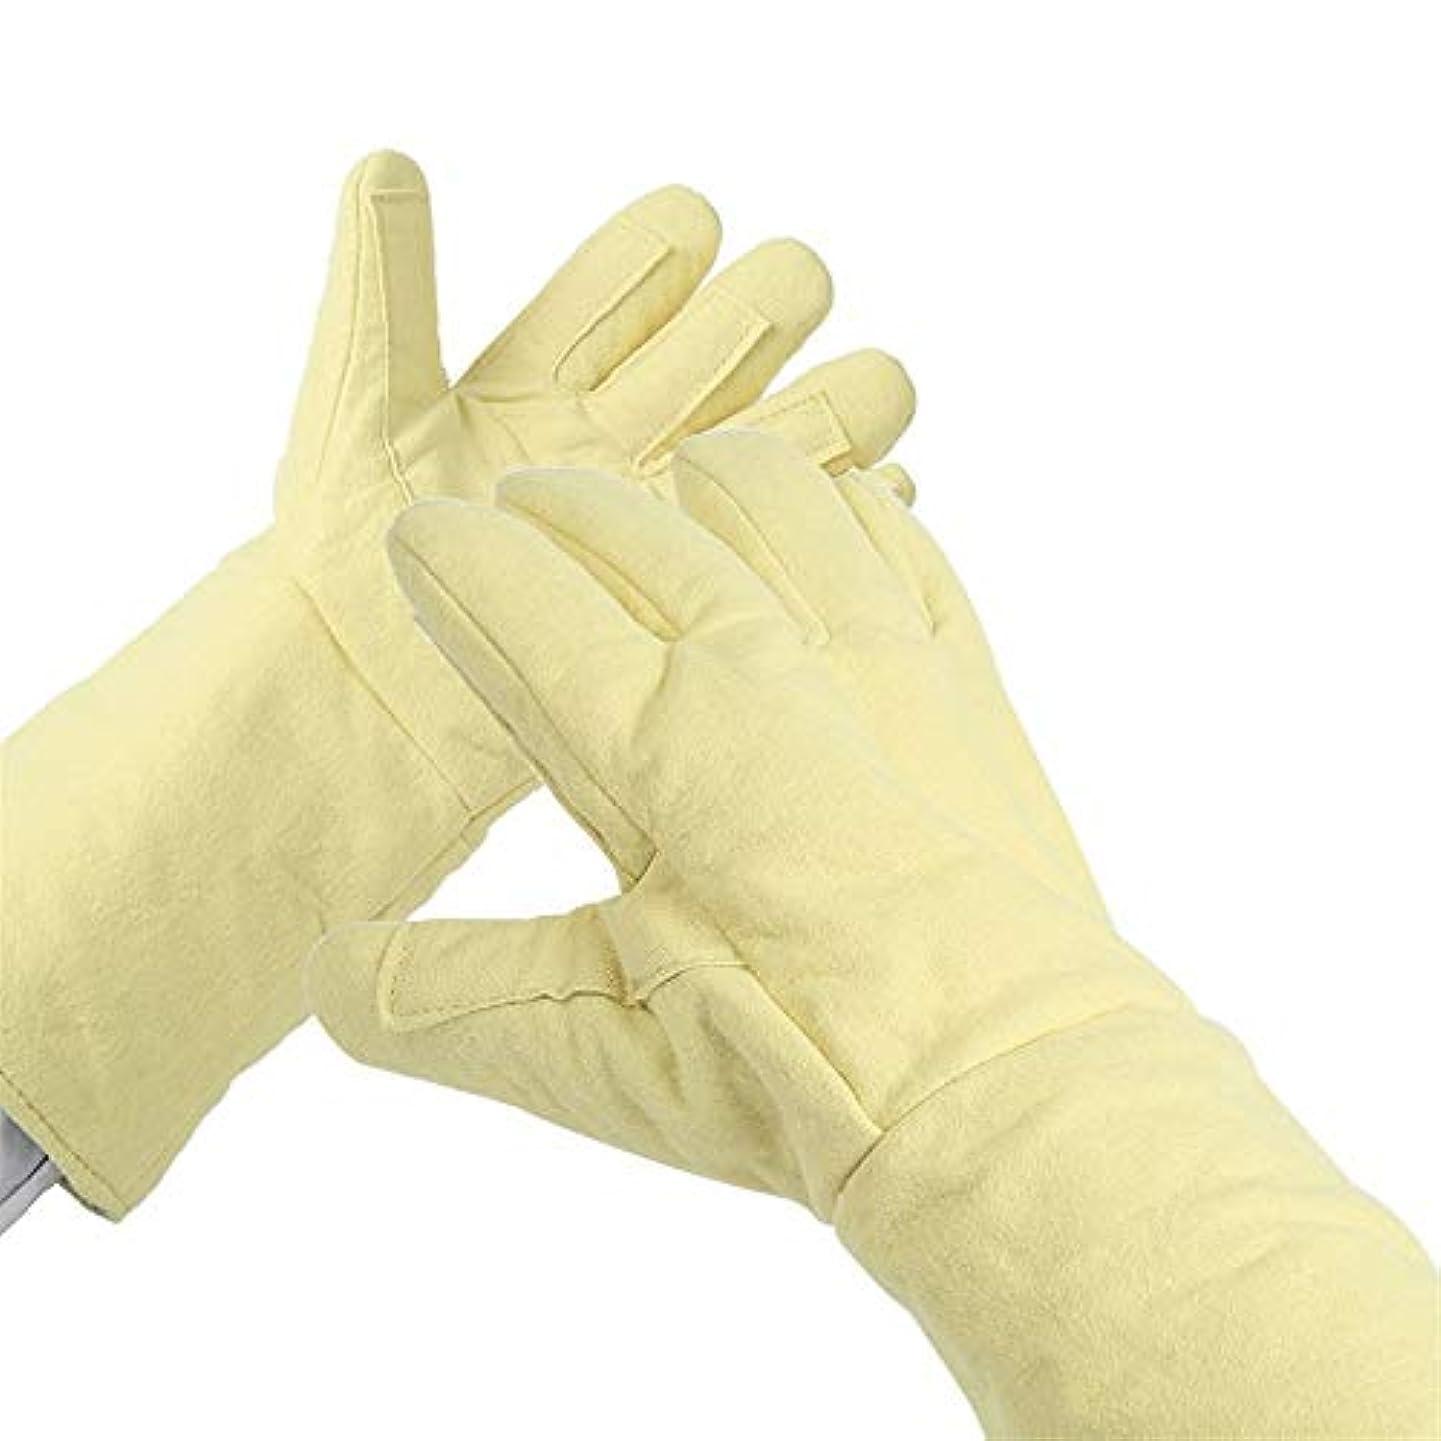 メッシュ割合モンキーMDYJP 高温耐性 手袋 アンチカッティング ハンド 穿刺 保護 産業労働者 耐摩耗性 手袋 (Color : Yellow, Size : L)